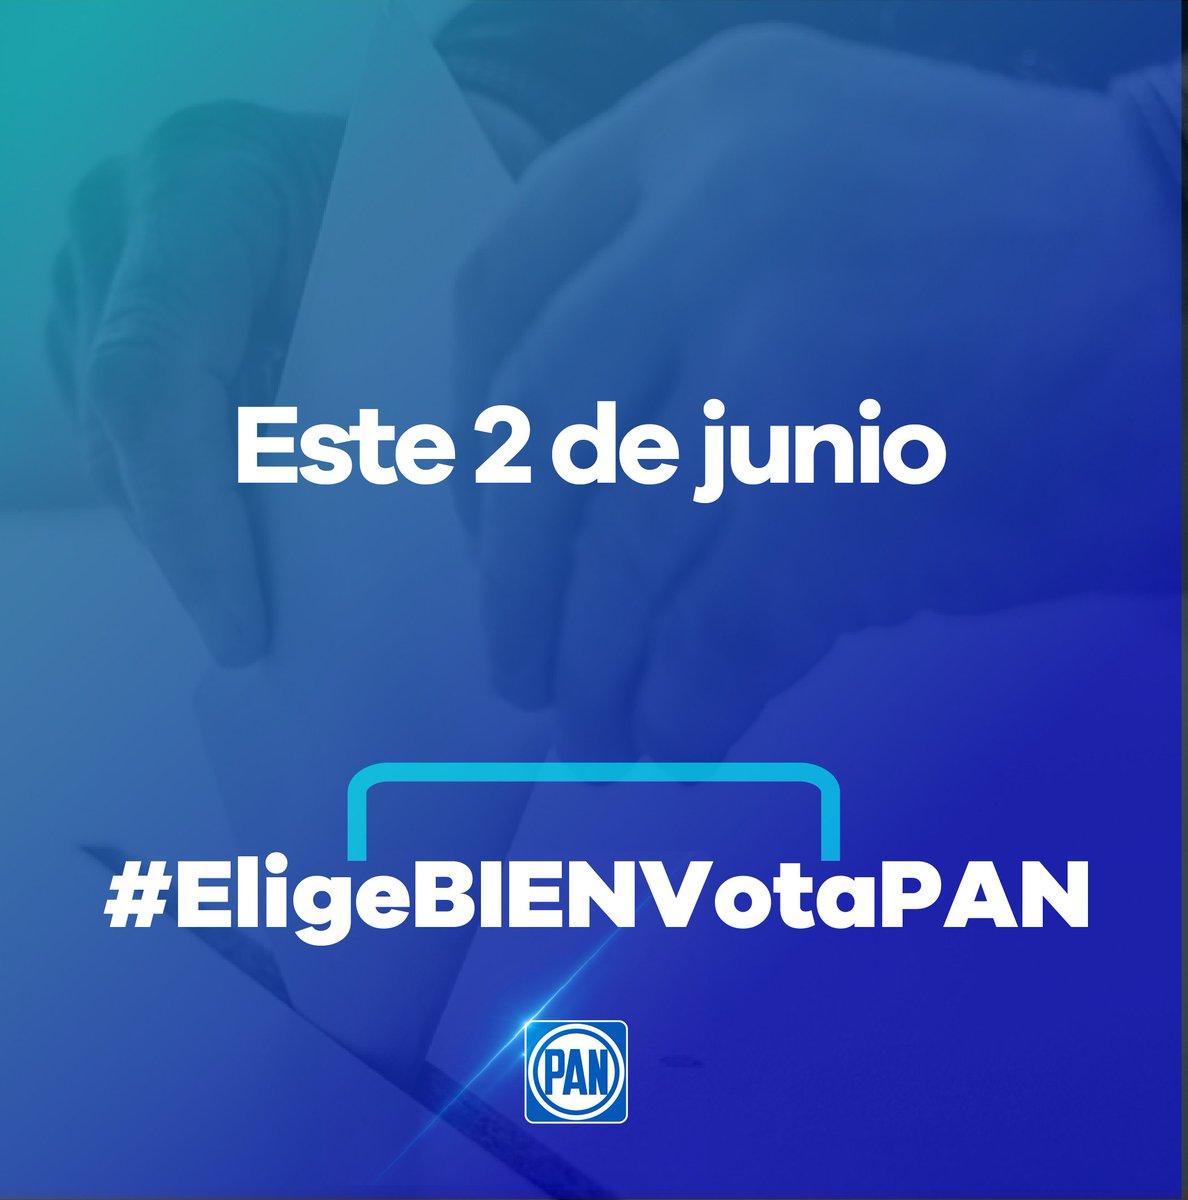 En #QuintanaRoo, los ciudadanos deben elegir entre un gobierno que ve al pasado con #Morena o ver hacia el futuro con @AccionNacional. Este 2 de junio #EligeBIENVotaPAN